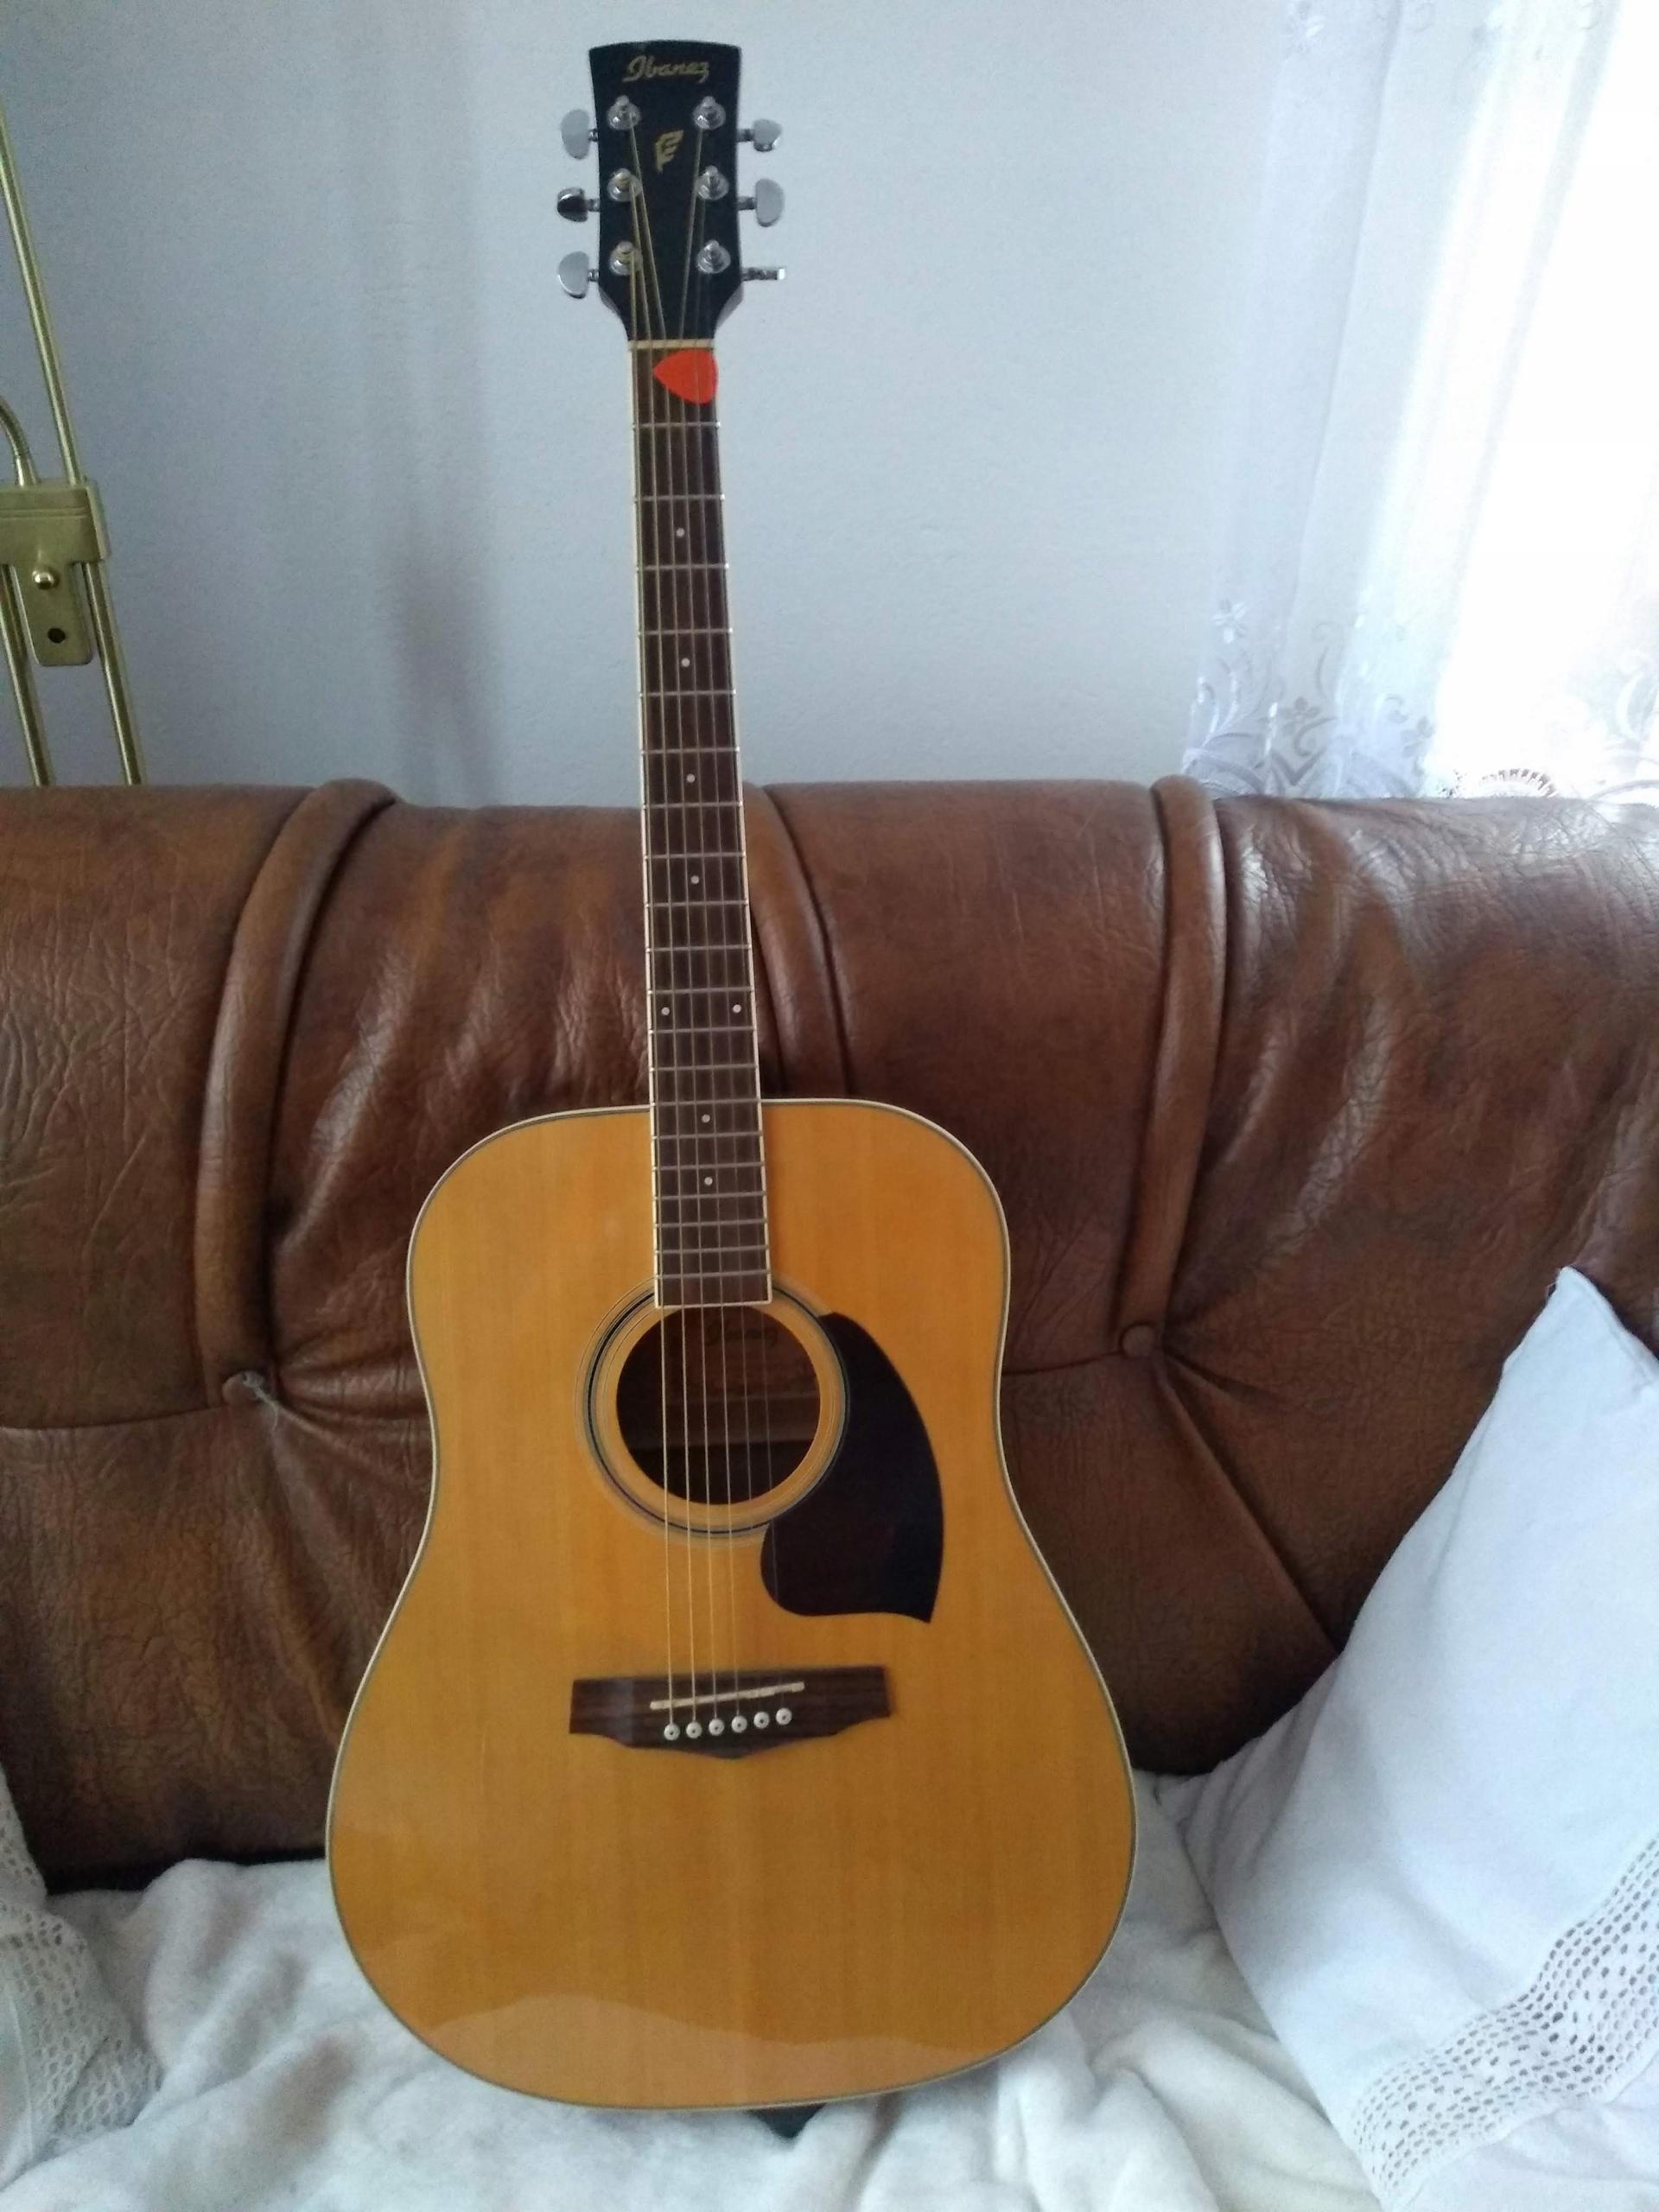 Gitara akustyczna Ibanez PF 15NT + futerał twardy